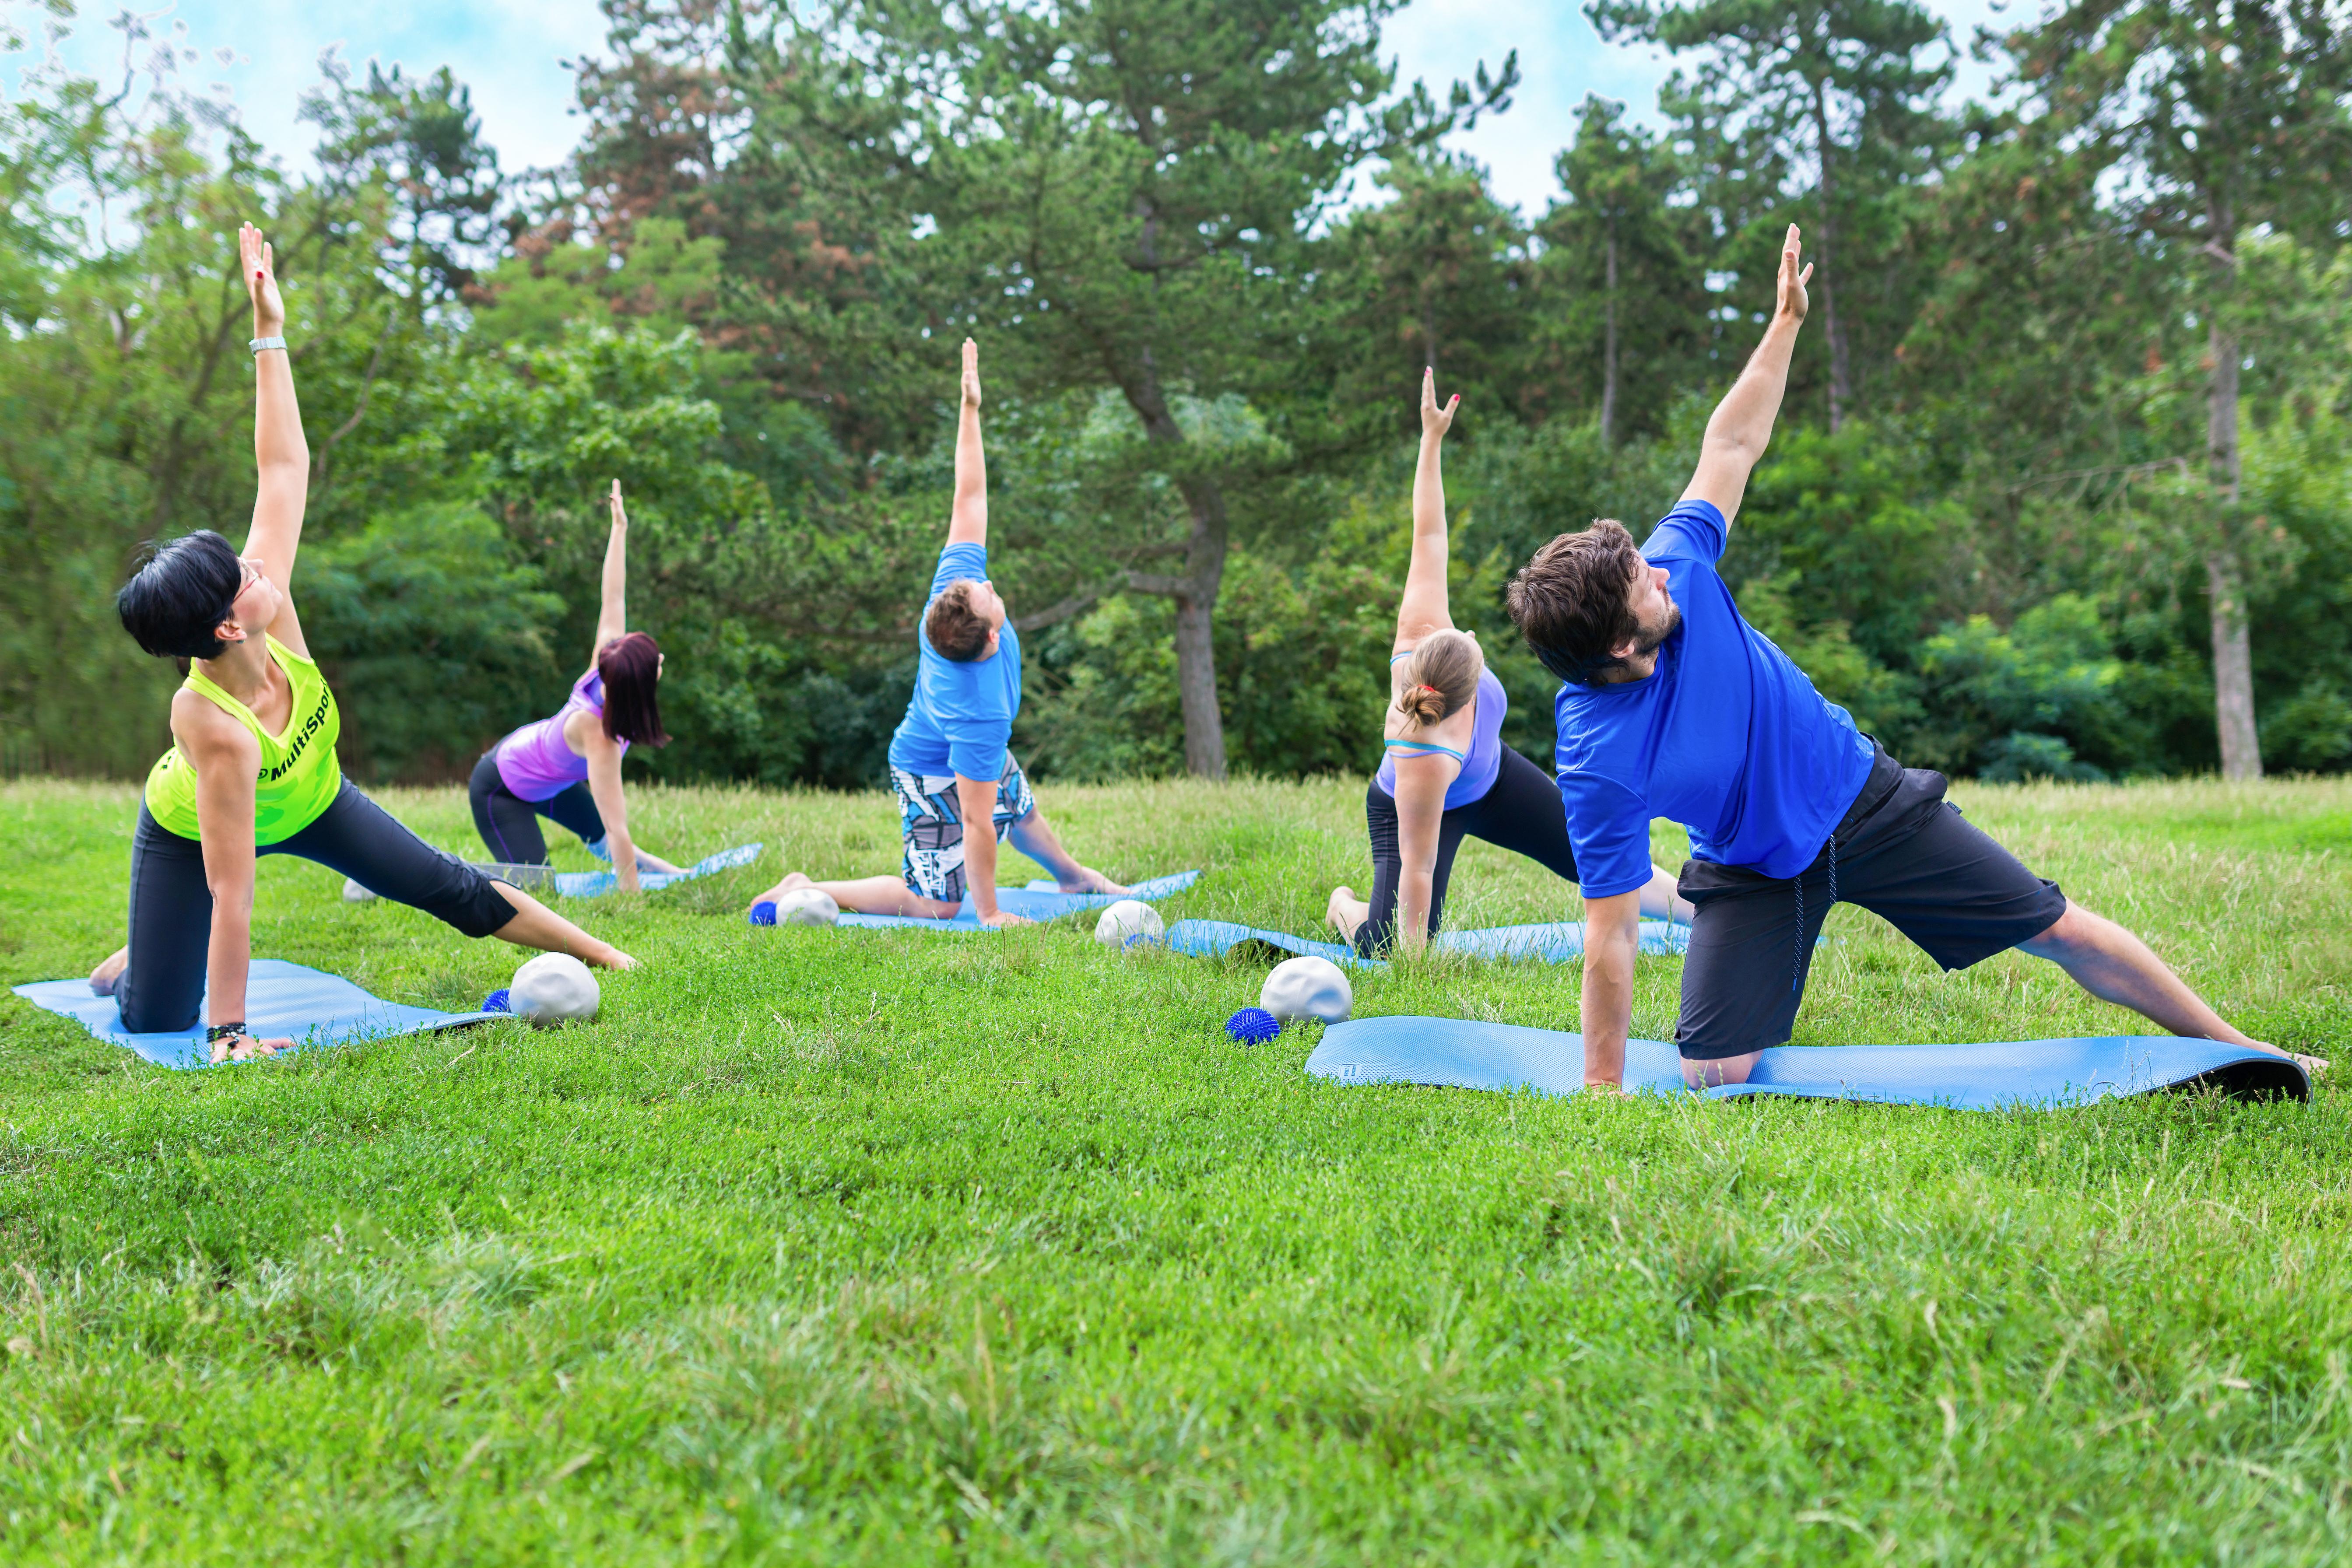 Jak praktikovat jógu, aby byla prospěšná našemu zdraví